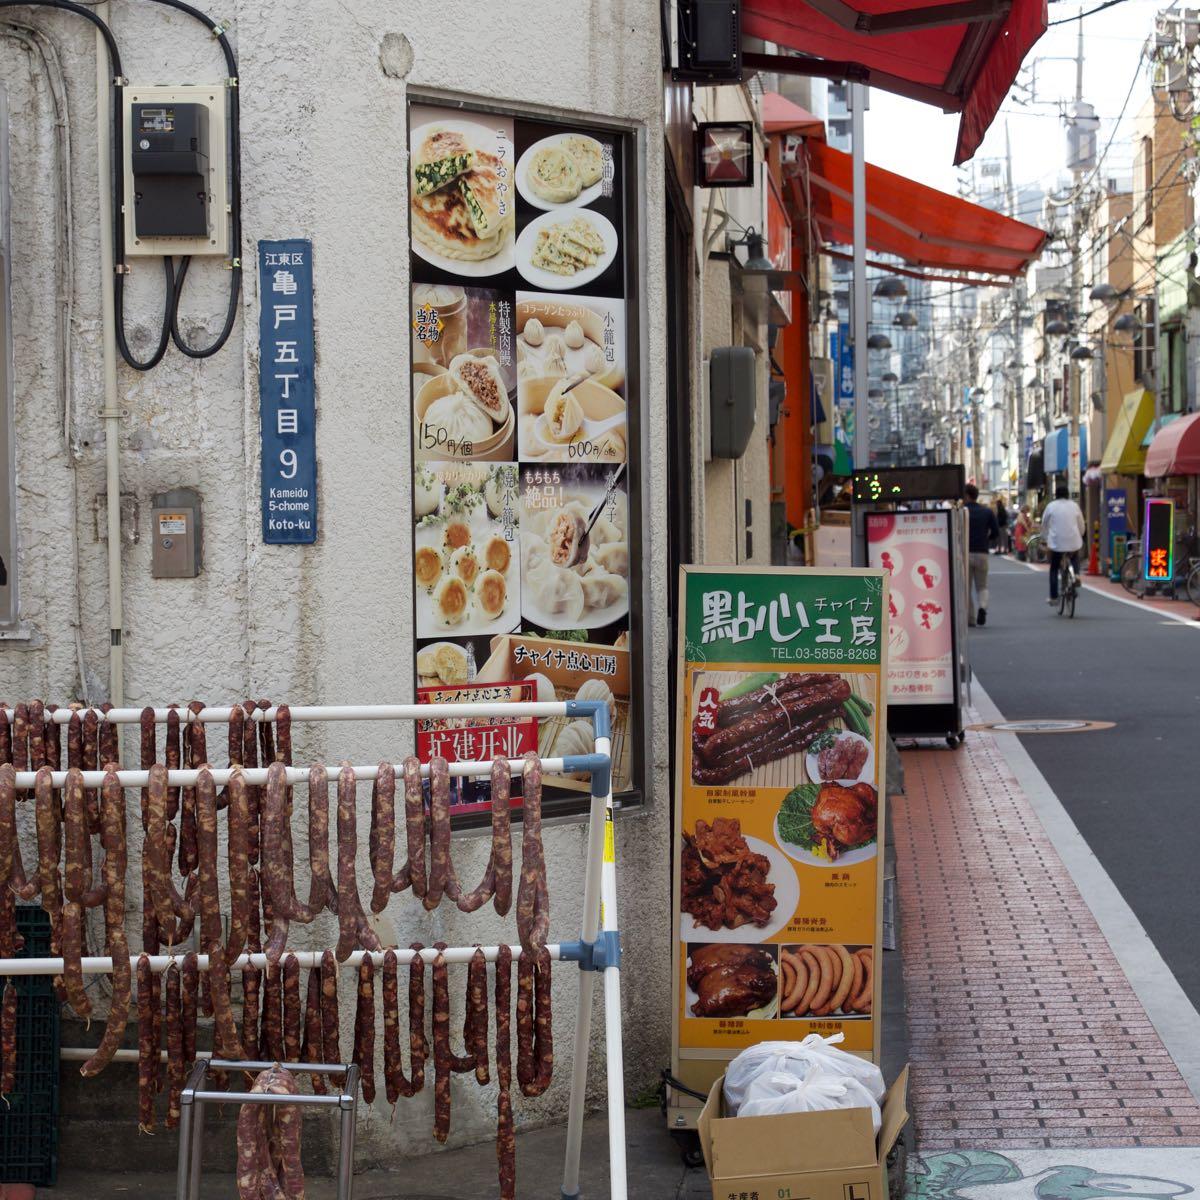 中華系の店や人が多い